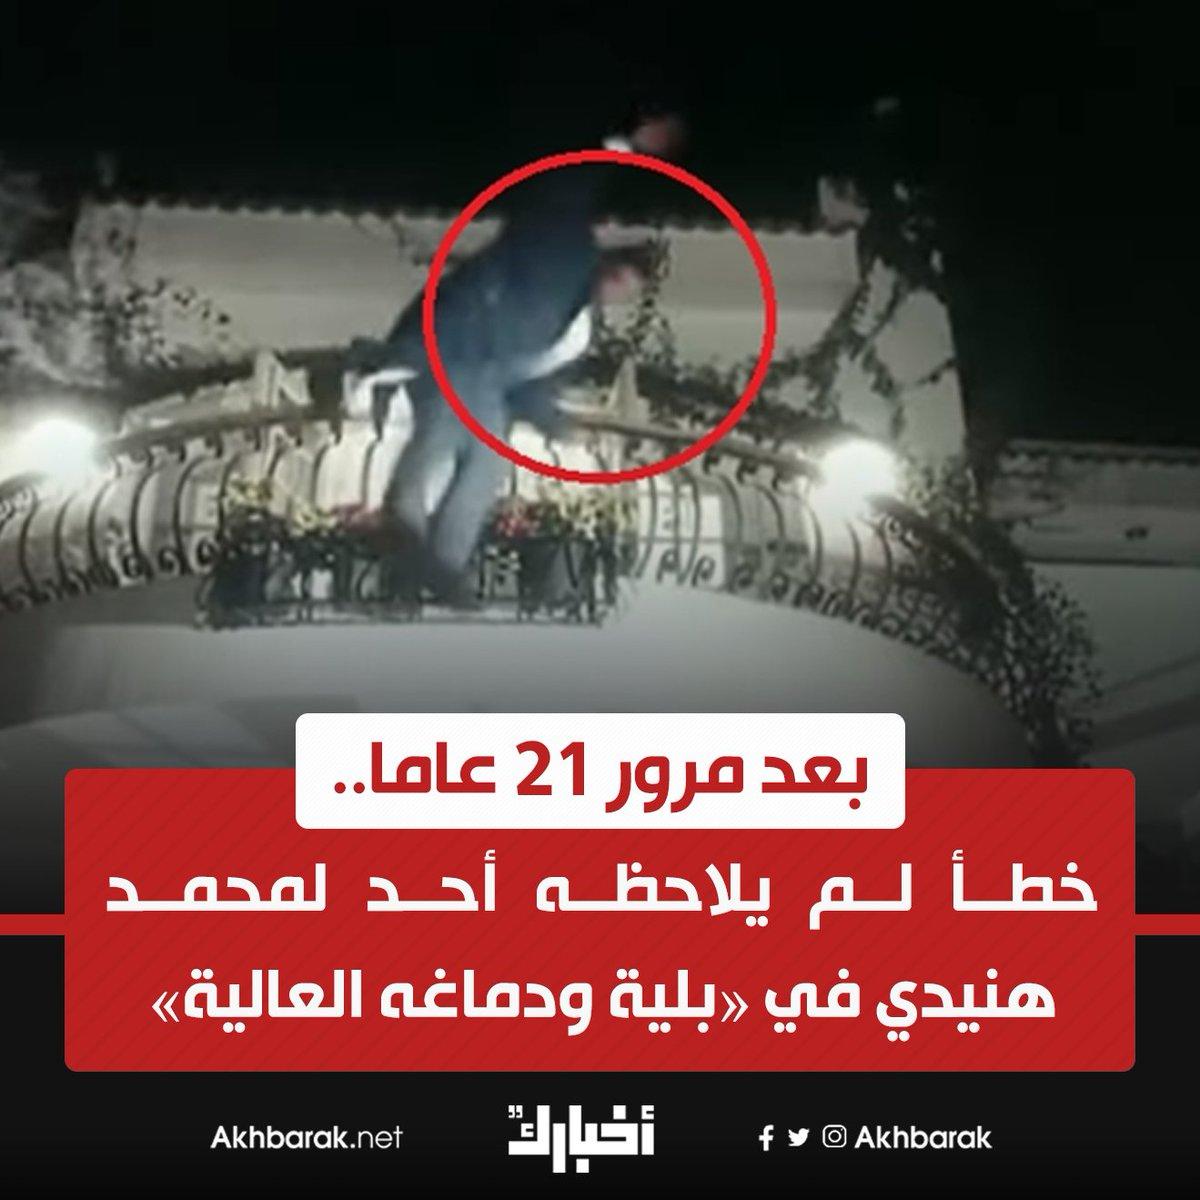 في أحد المشاهد التي يقفز فيها محمد هنيدي من بلكونة فيلا حبيبته المصدر في الفن